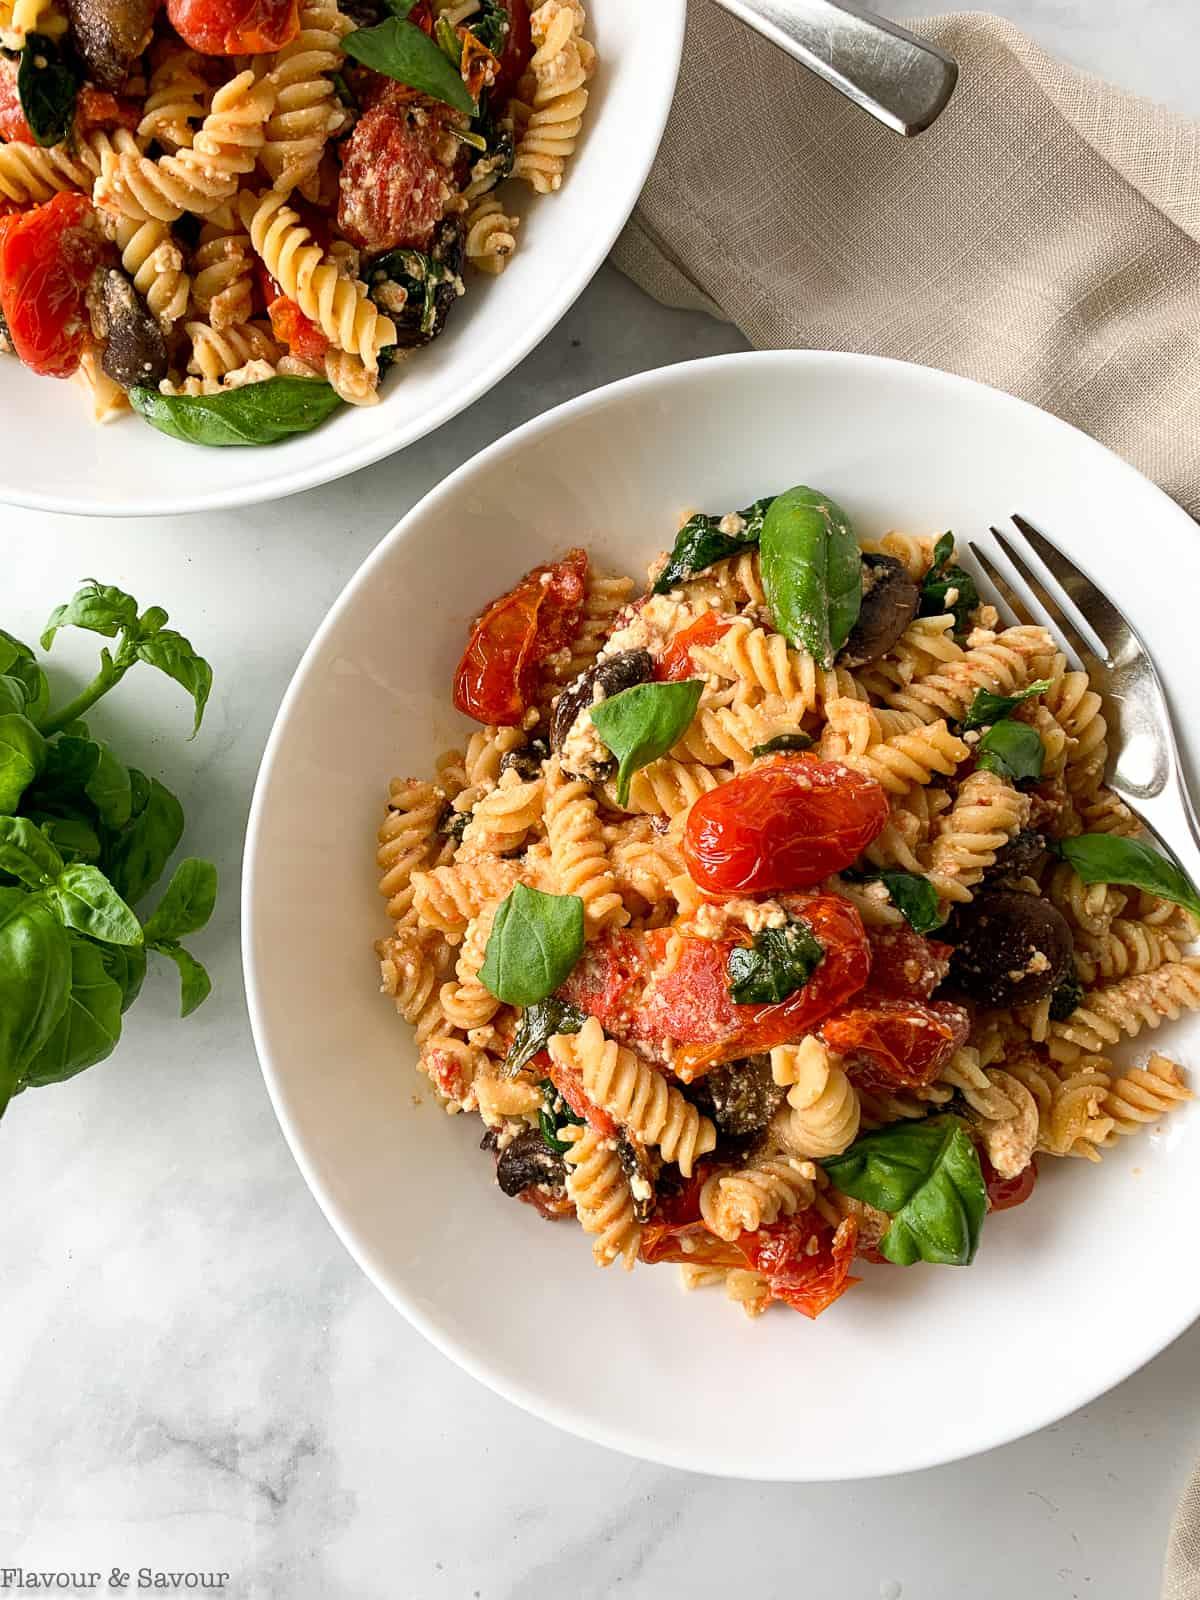 Two bowls of gluten-free feta tomato pasta bake